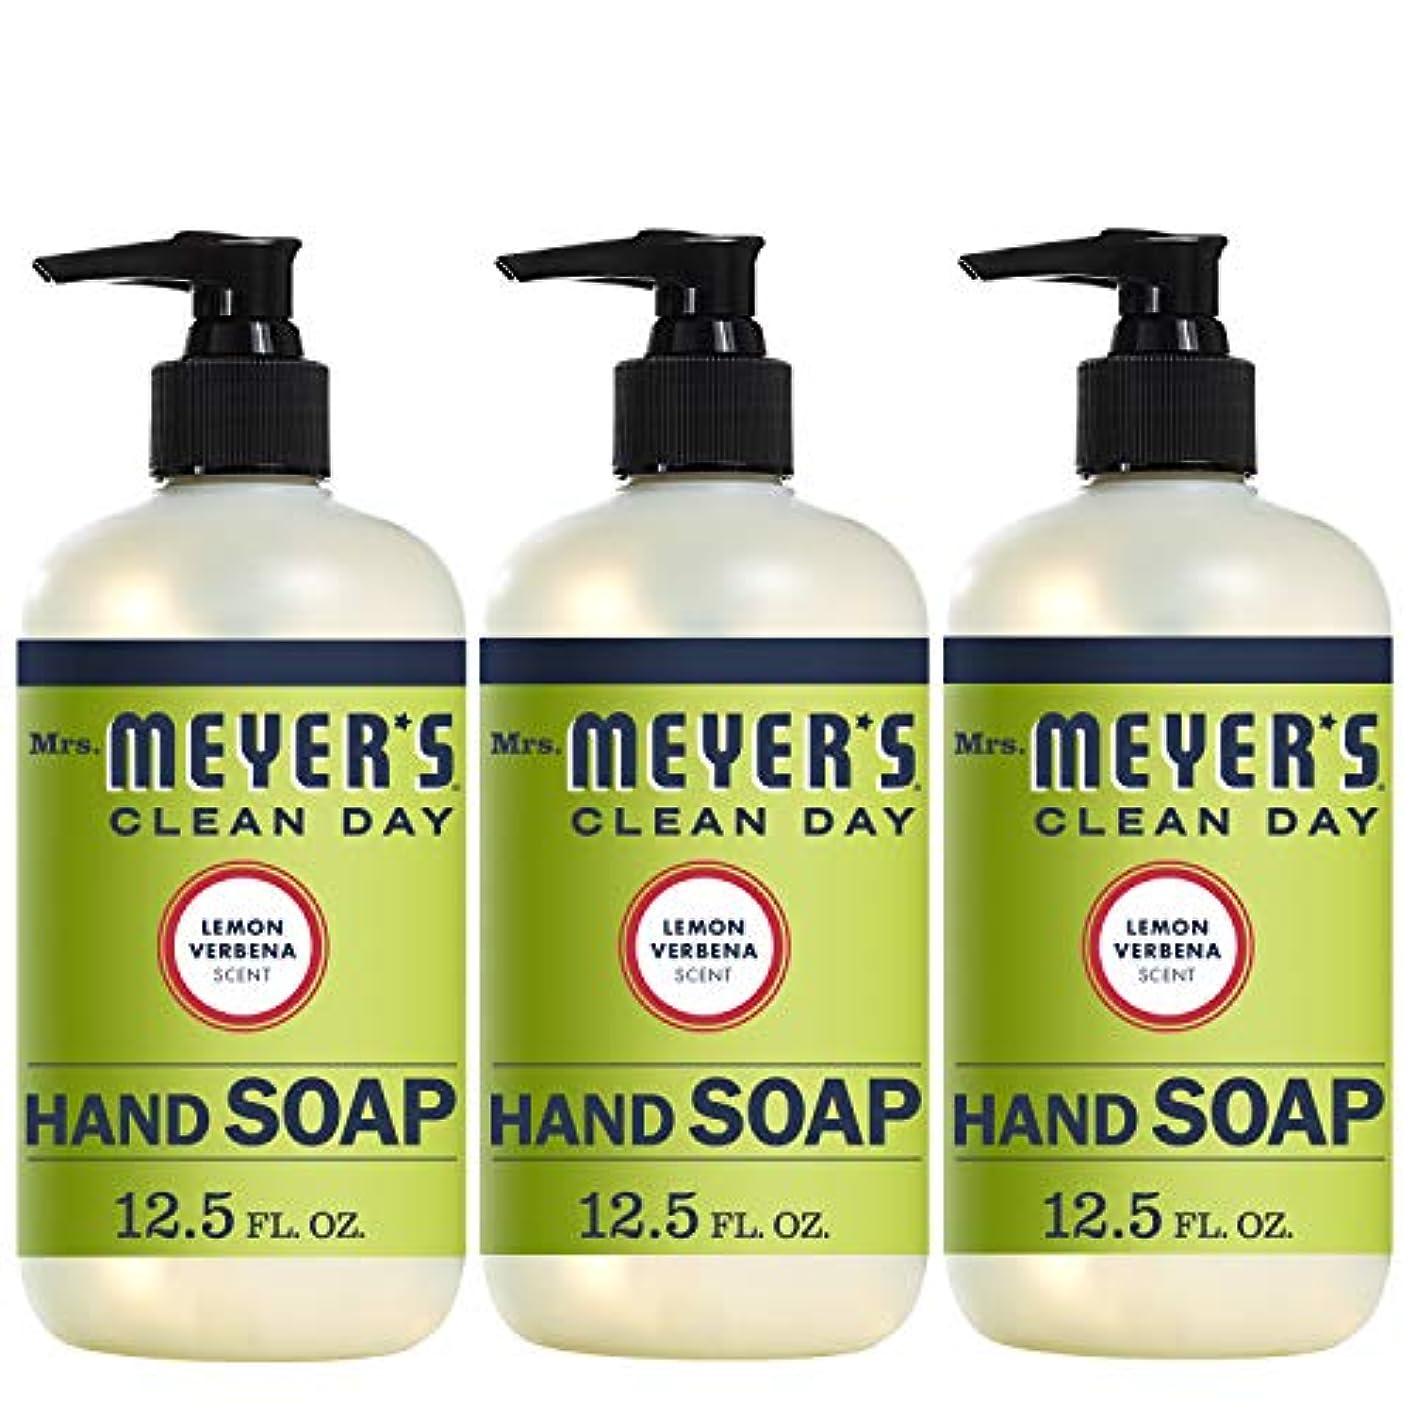 ミリメーター重荷逃すMrs. Meyers Clean Day ハンドソープ レモン Verbena 12.5液量オンス